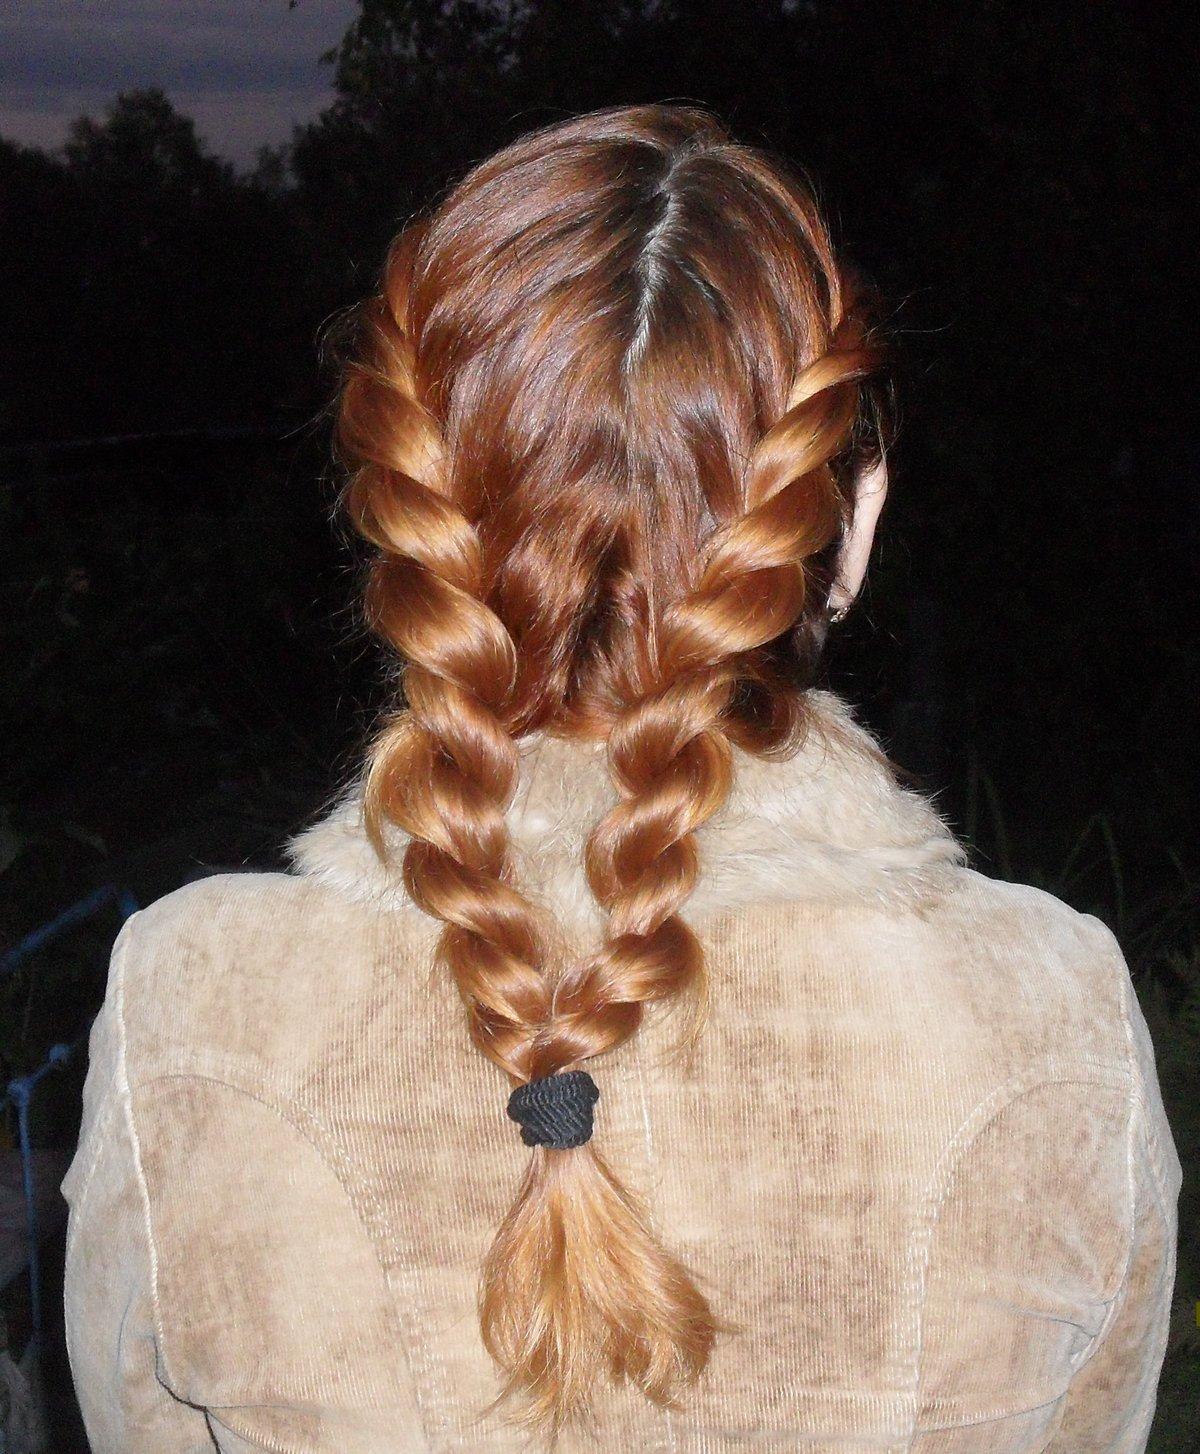 Квас за раст косе